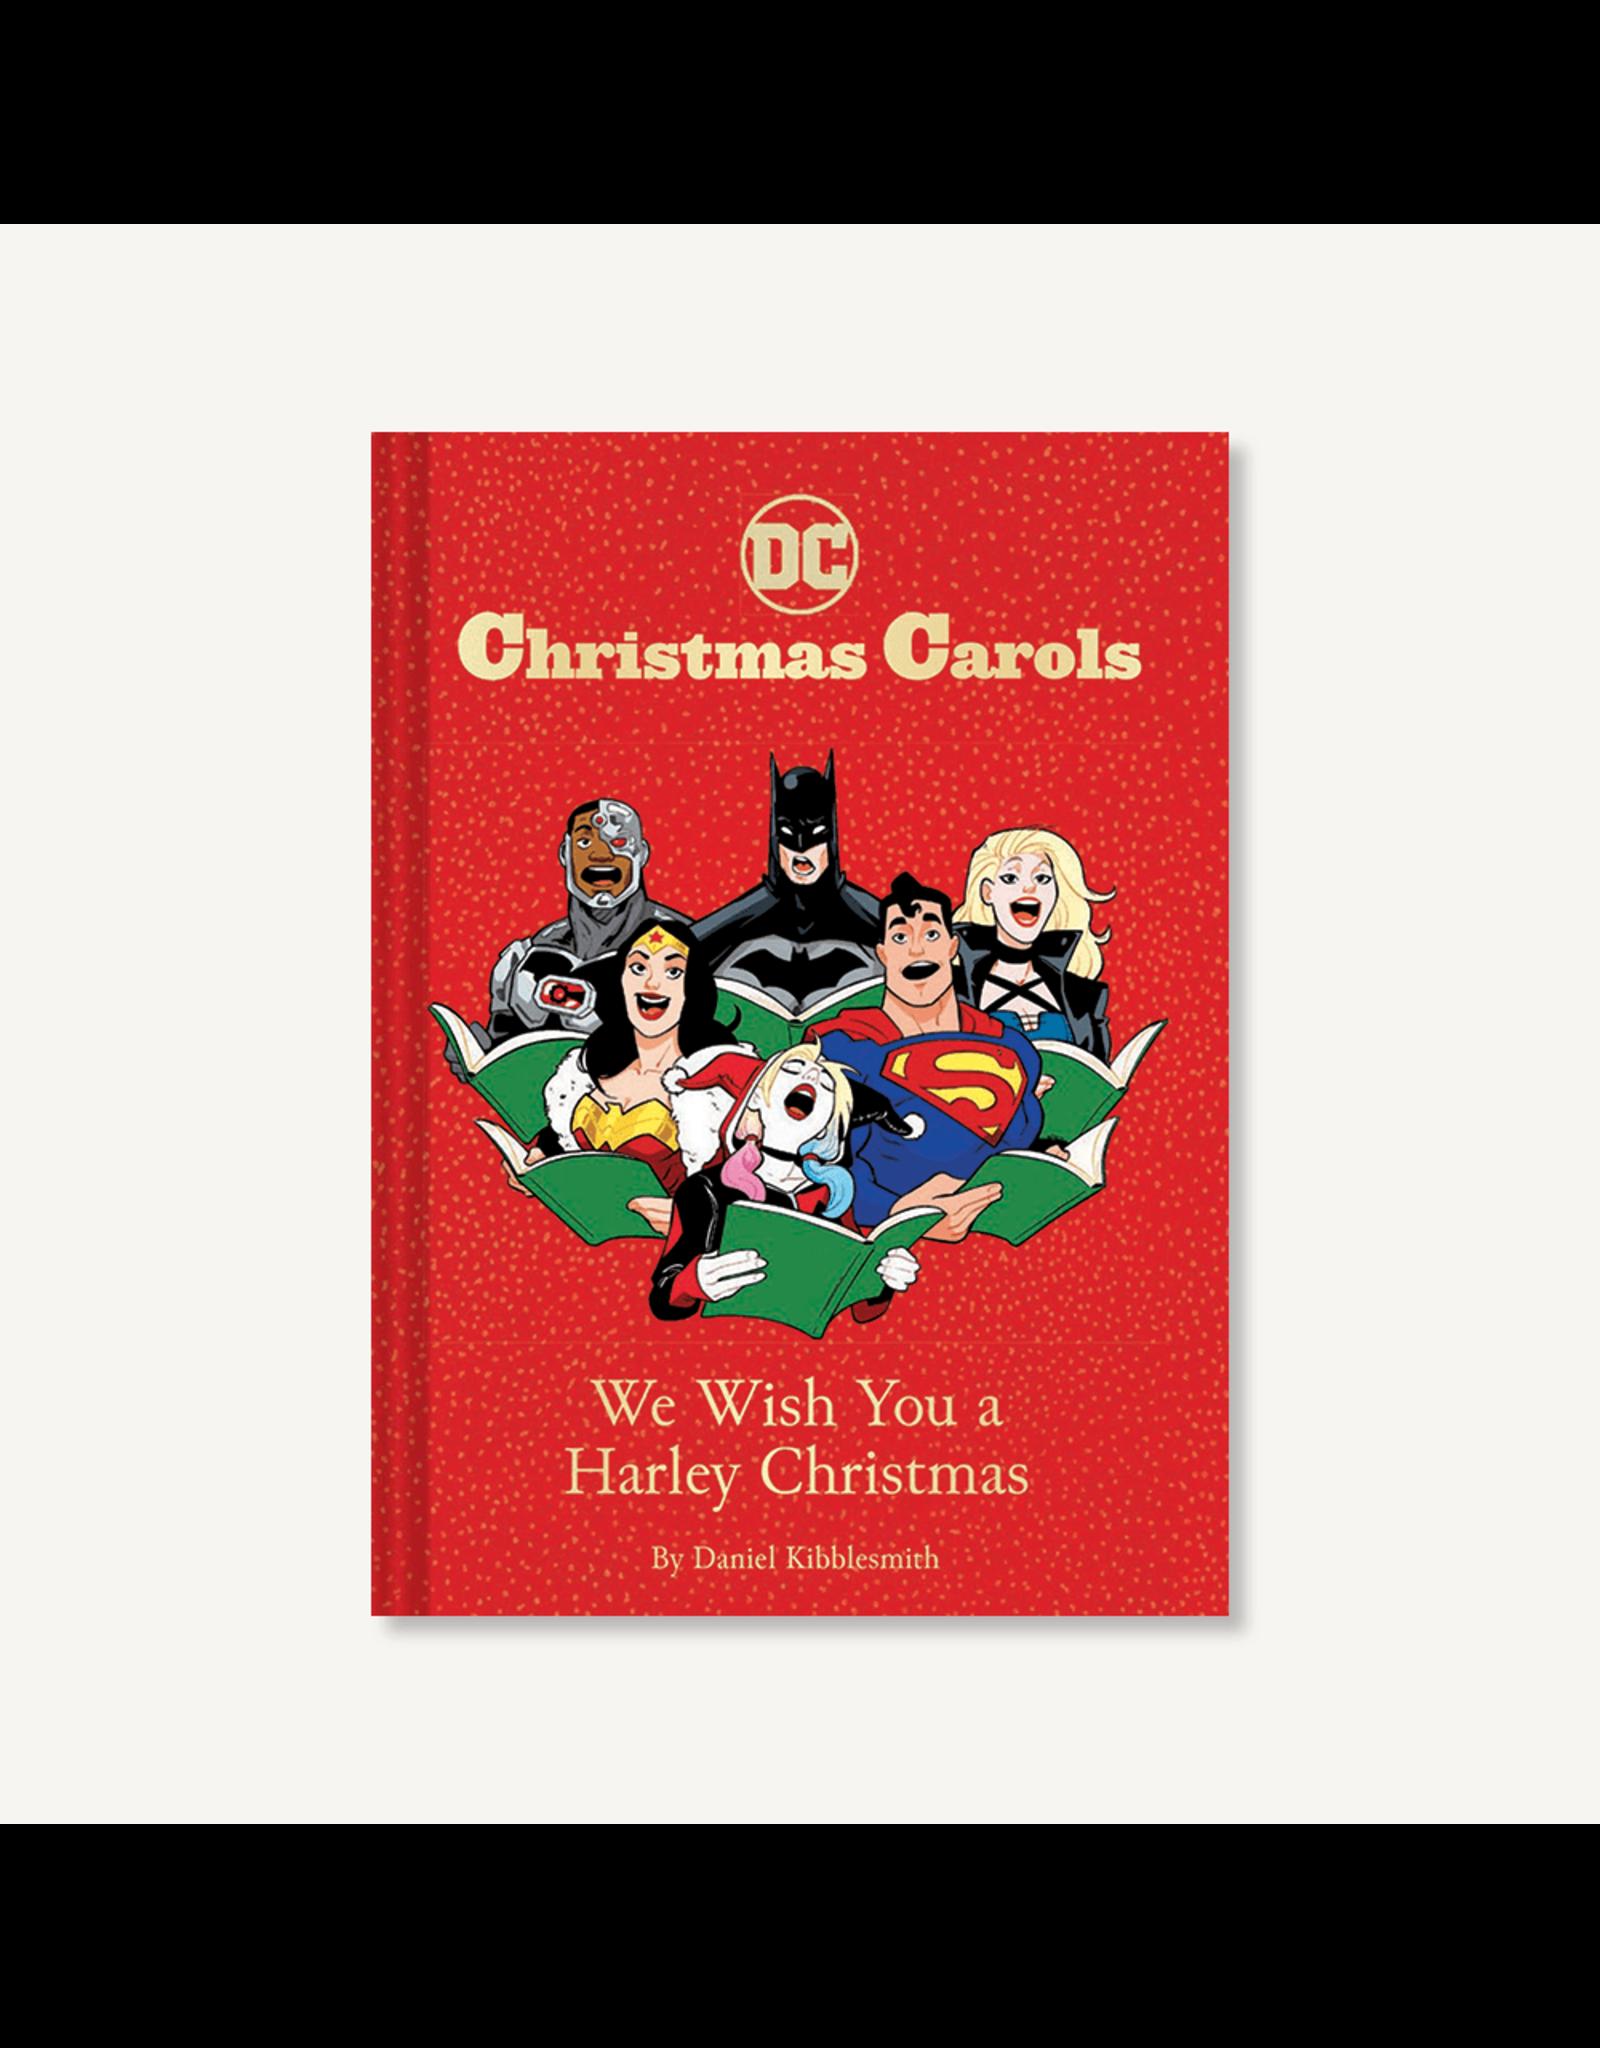 Abrams & Chronicle DC Christmas Carols - We Wish You a Harley Christmas (UK)